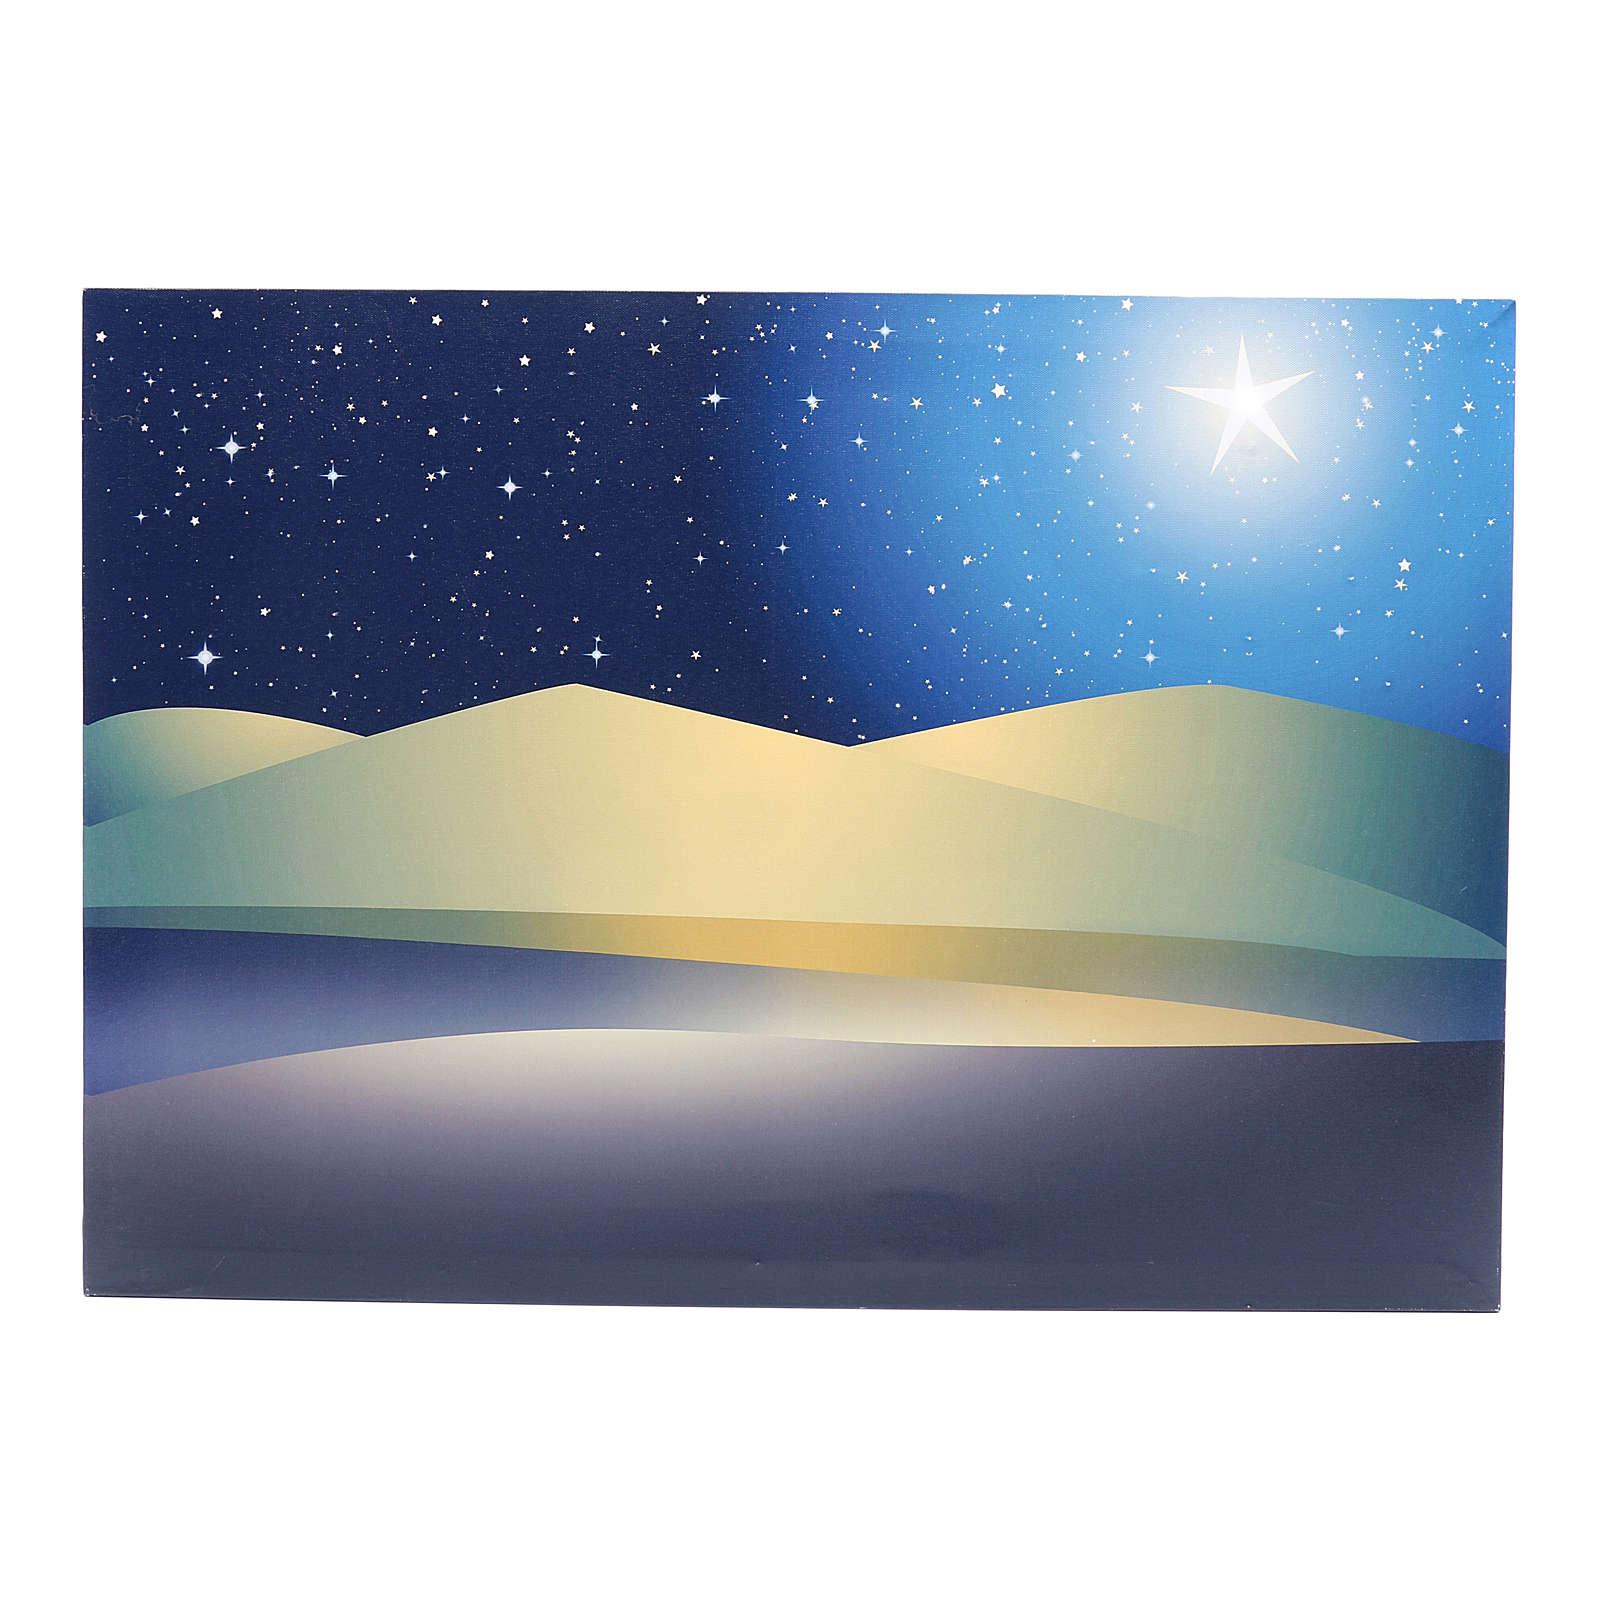 Illuminated stars backdrop led 50x70 cm 4